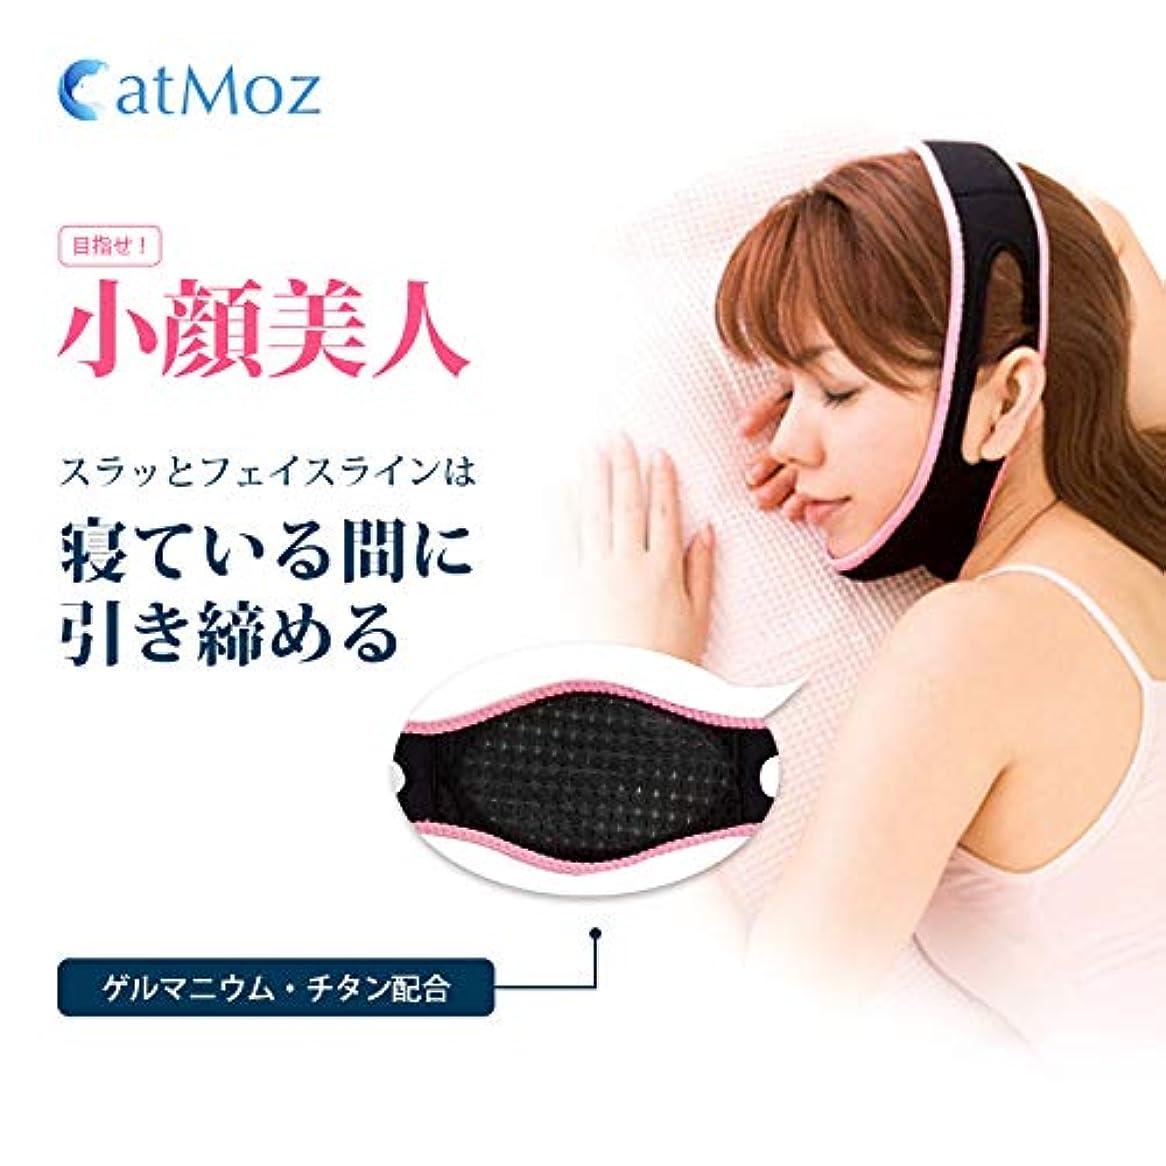 怖い近くながらCatMoz 小顔 美顔 矯正 顔痩せ 最新型 リフトアップベルト 【整形せずモテ顔美人に】